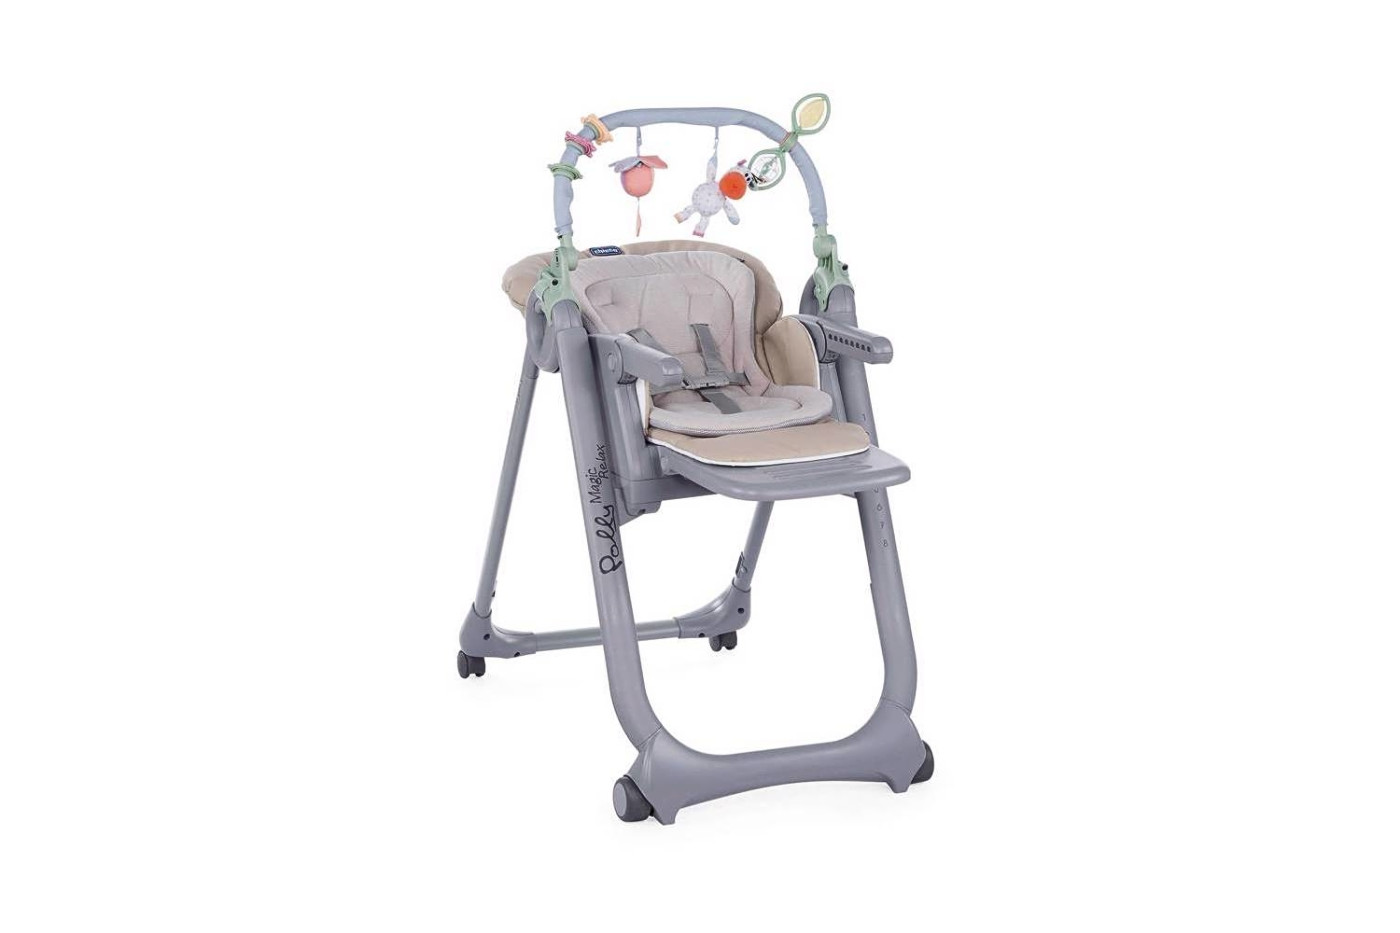 Kinderstoel 0 Maanden.Chicco Polly Magic Relax